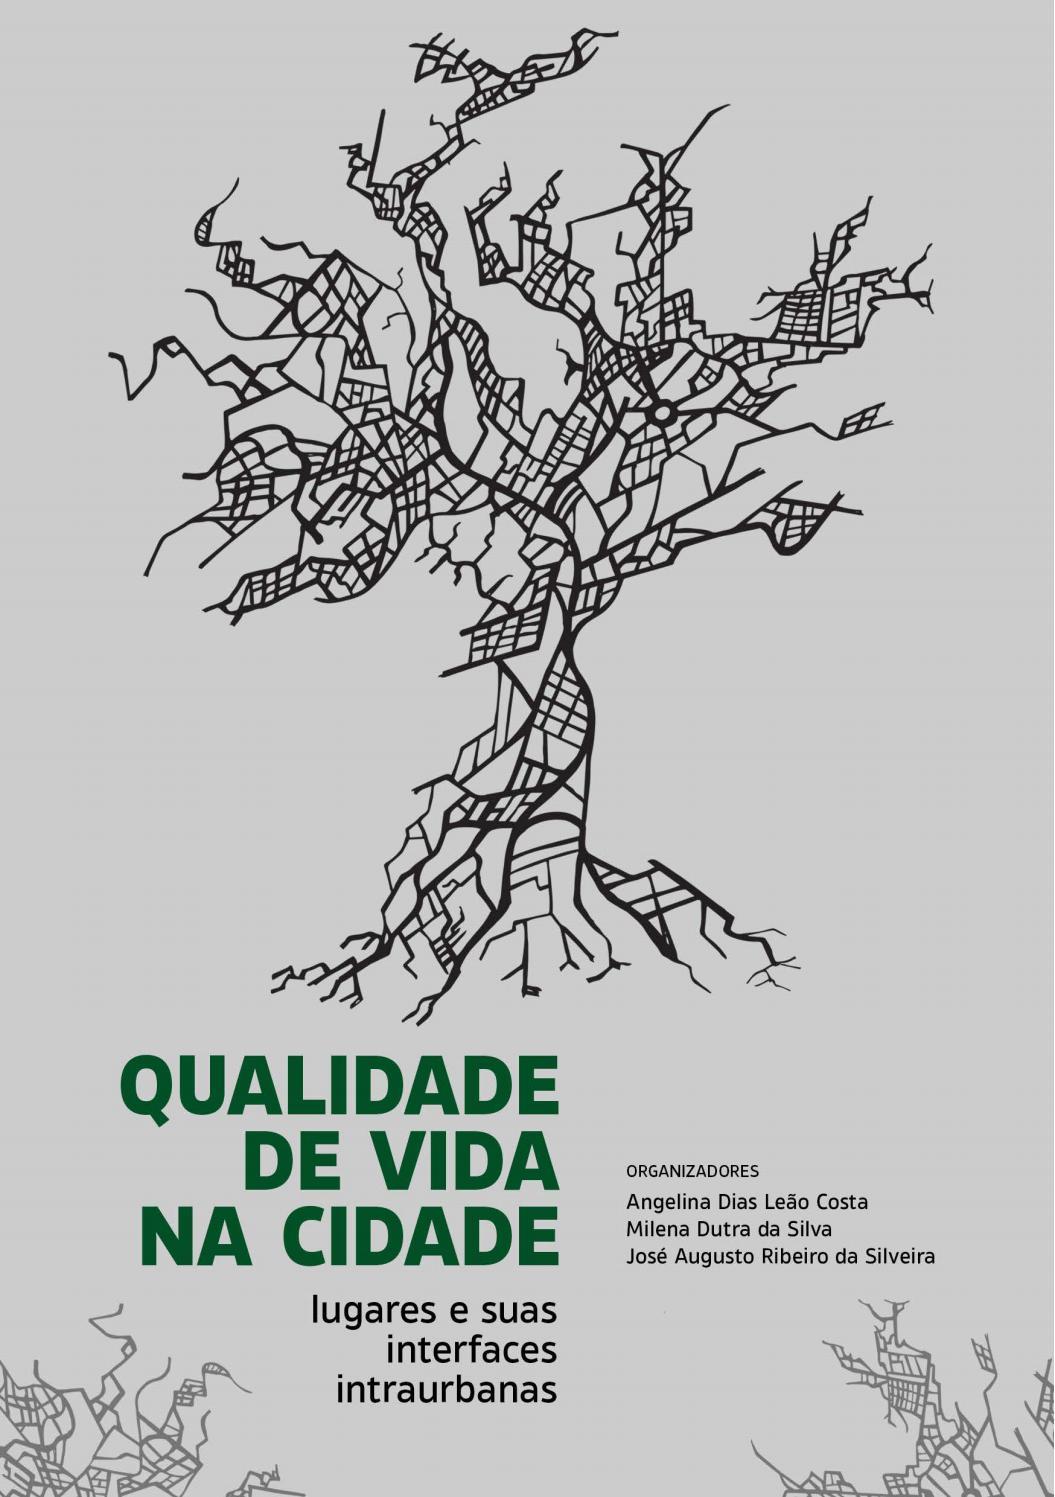 db2f2a4b51 Qualidade de vida na cidade (e book) by LAURBE I UFPB I Brasil - issuu